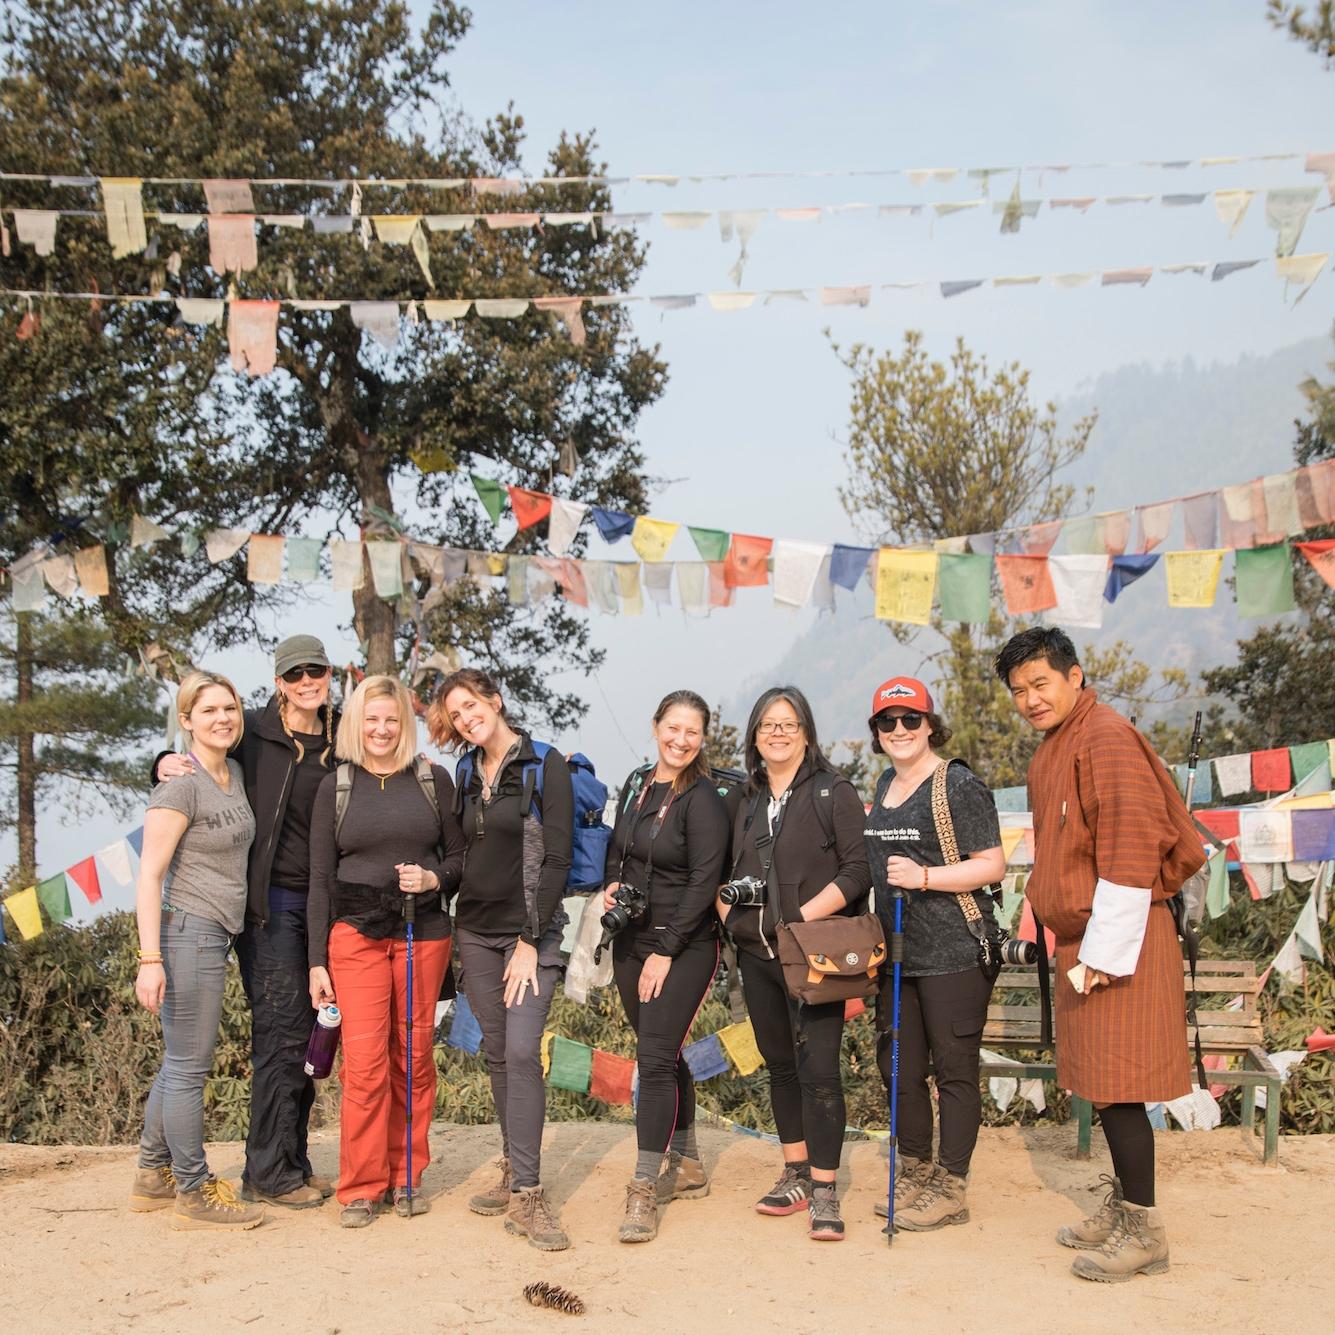 JOYLOVE / Bhutan 2018